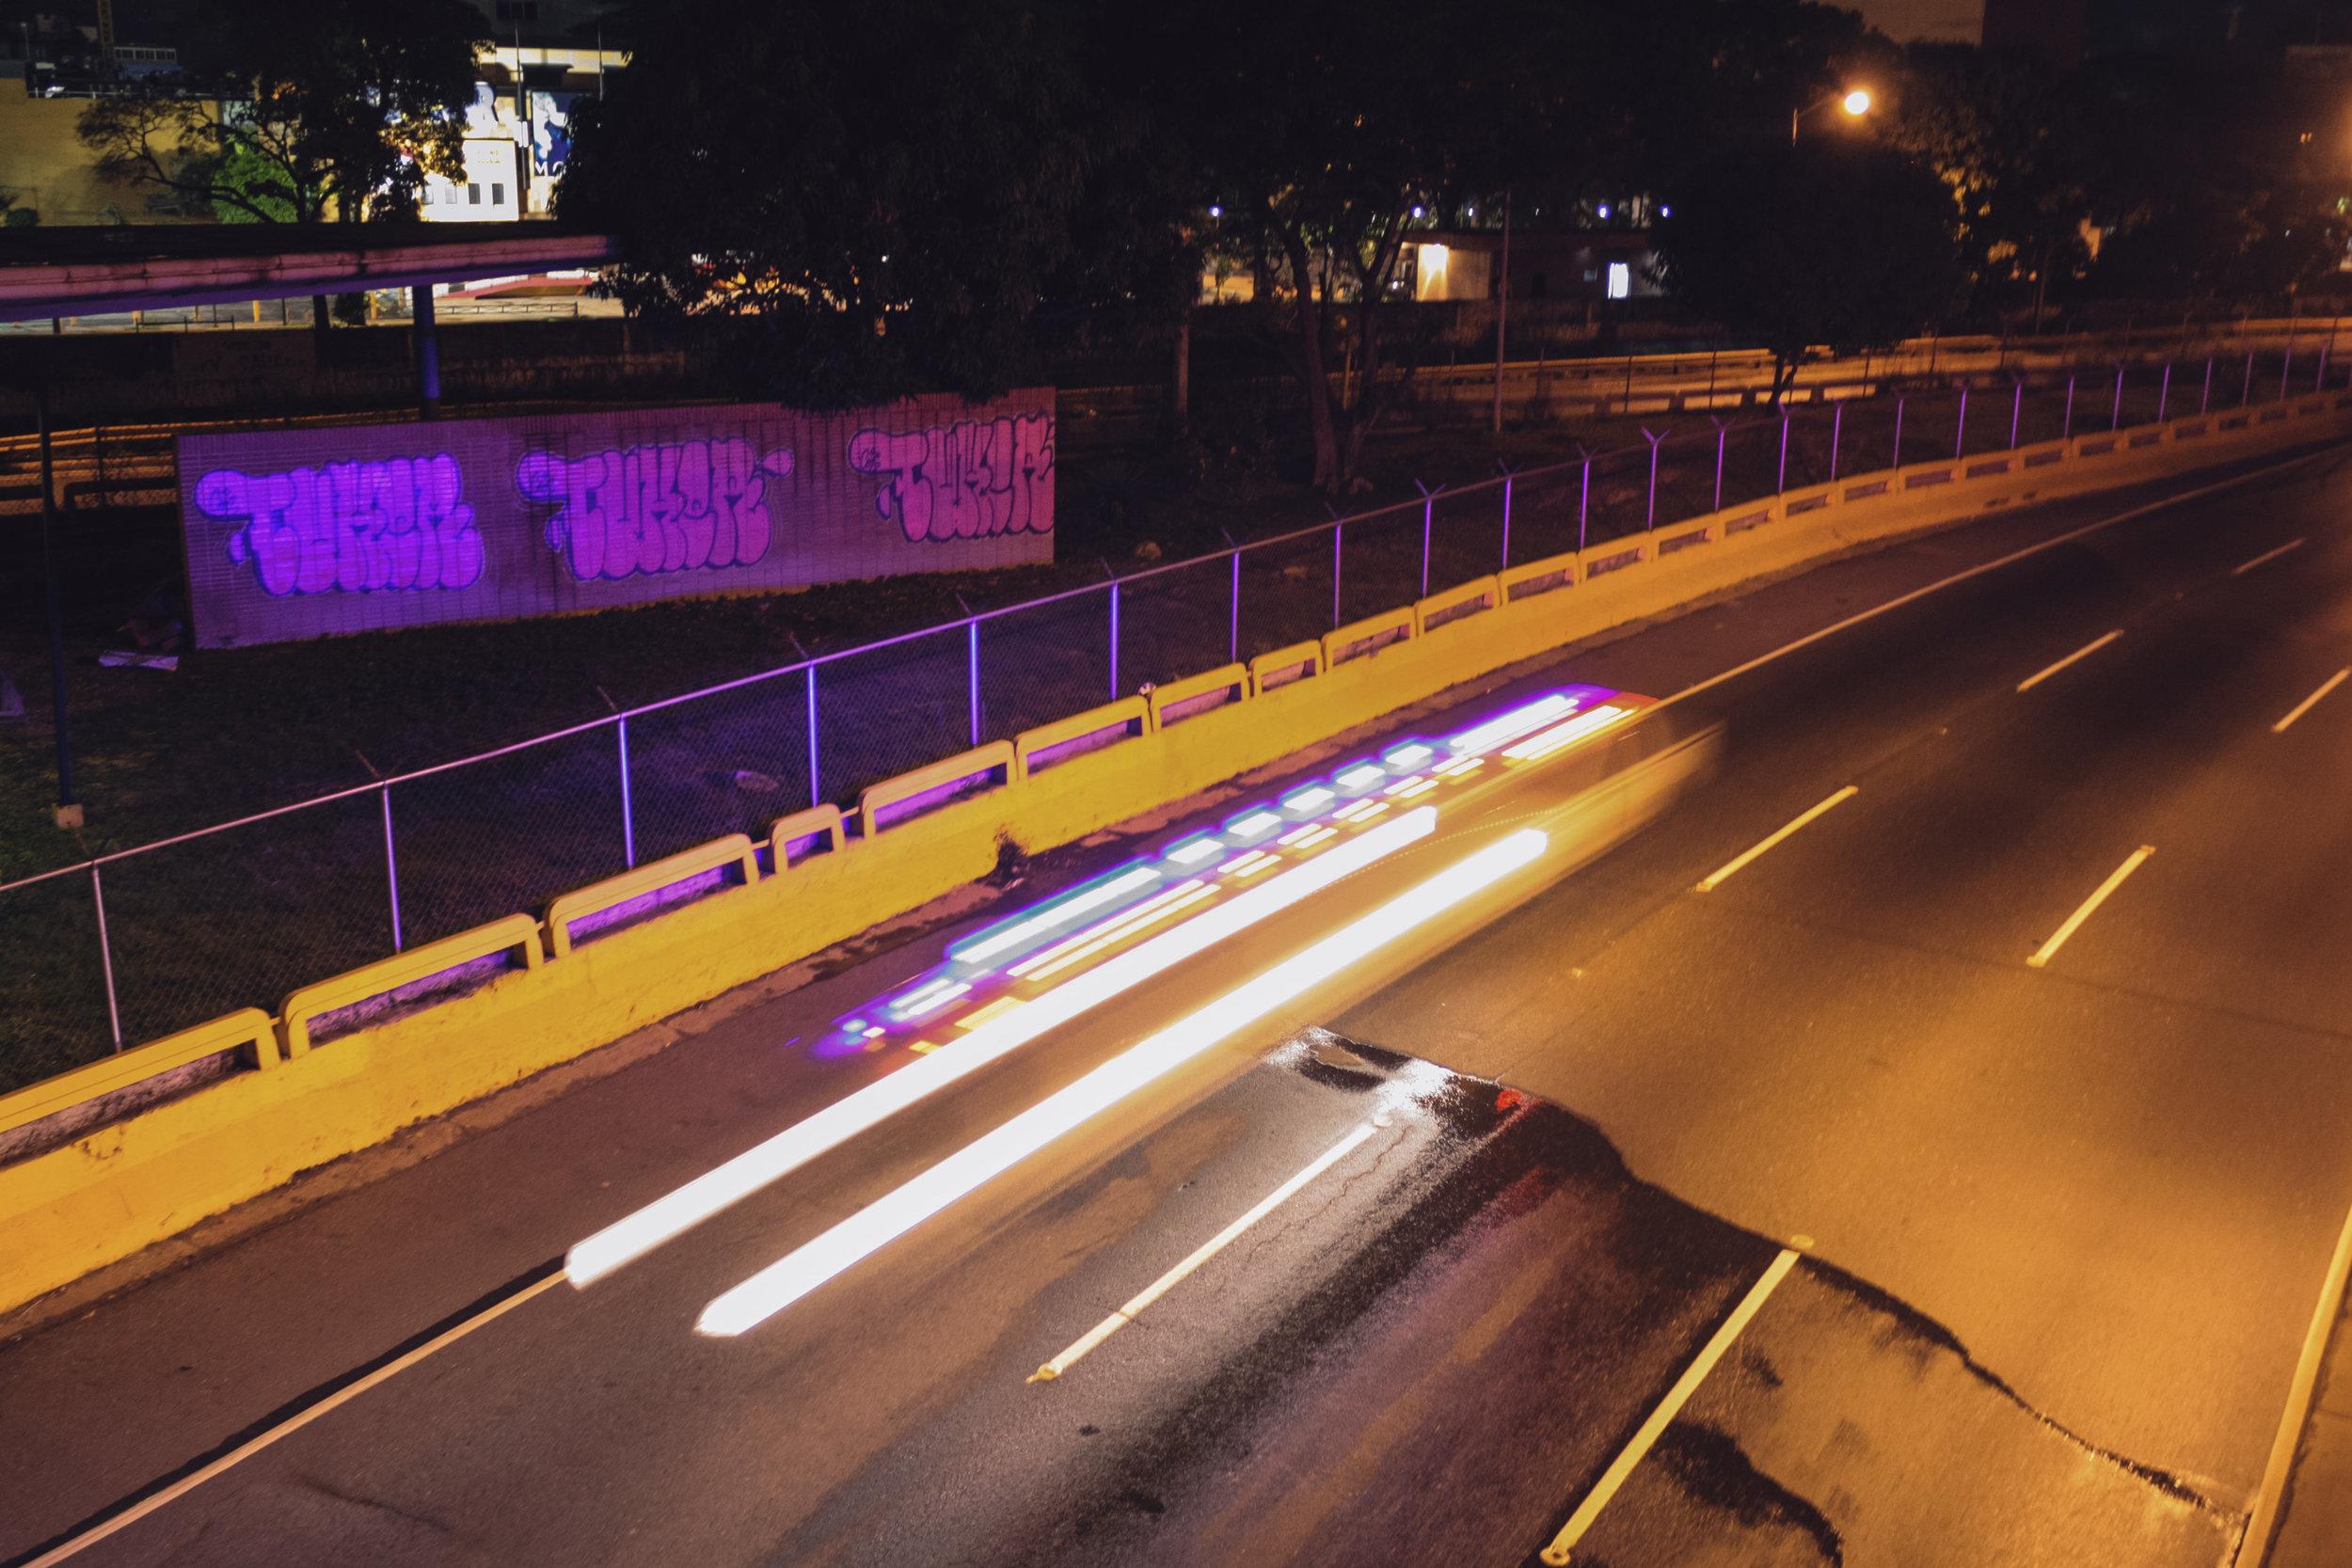 Loureiro_Caracas by Night_41.jpg